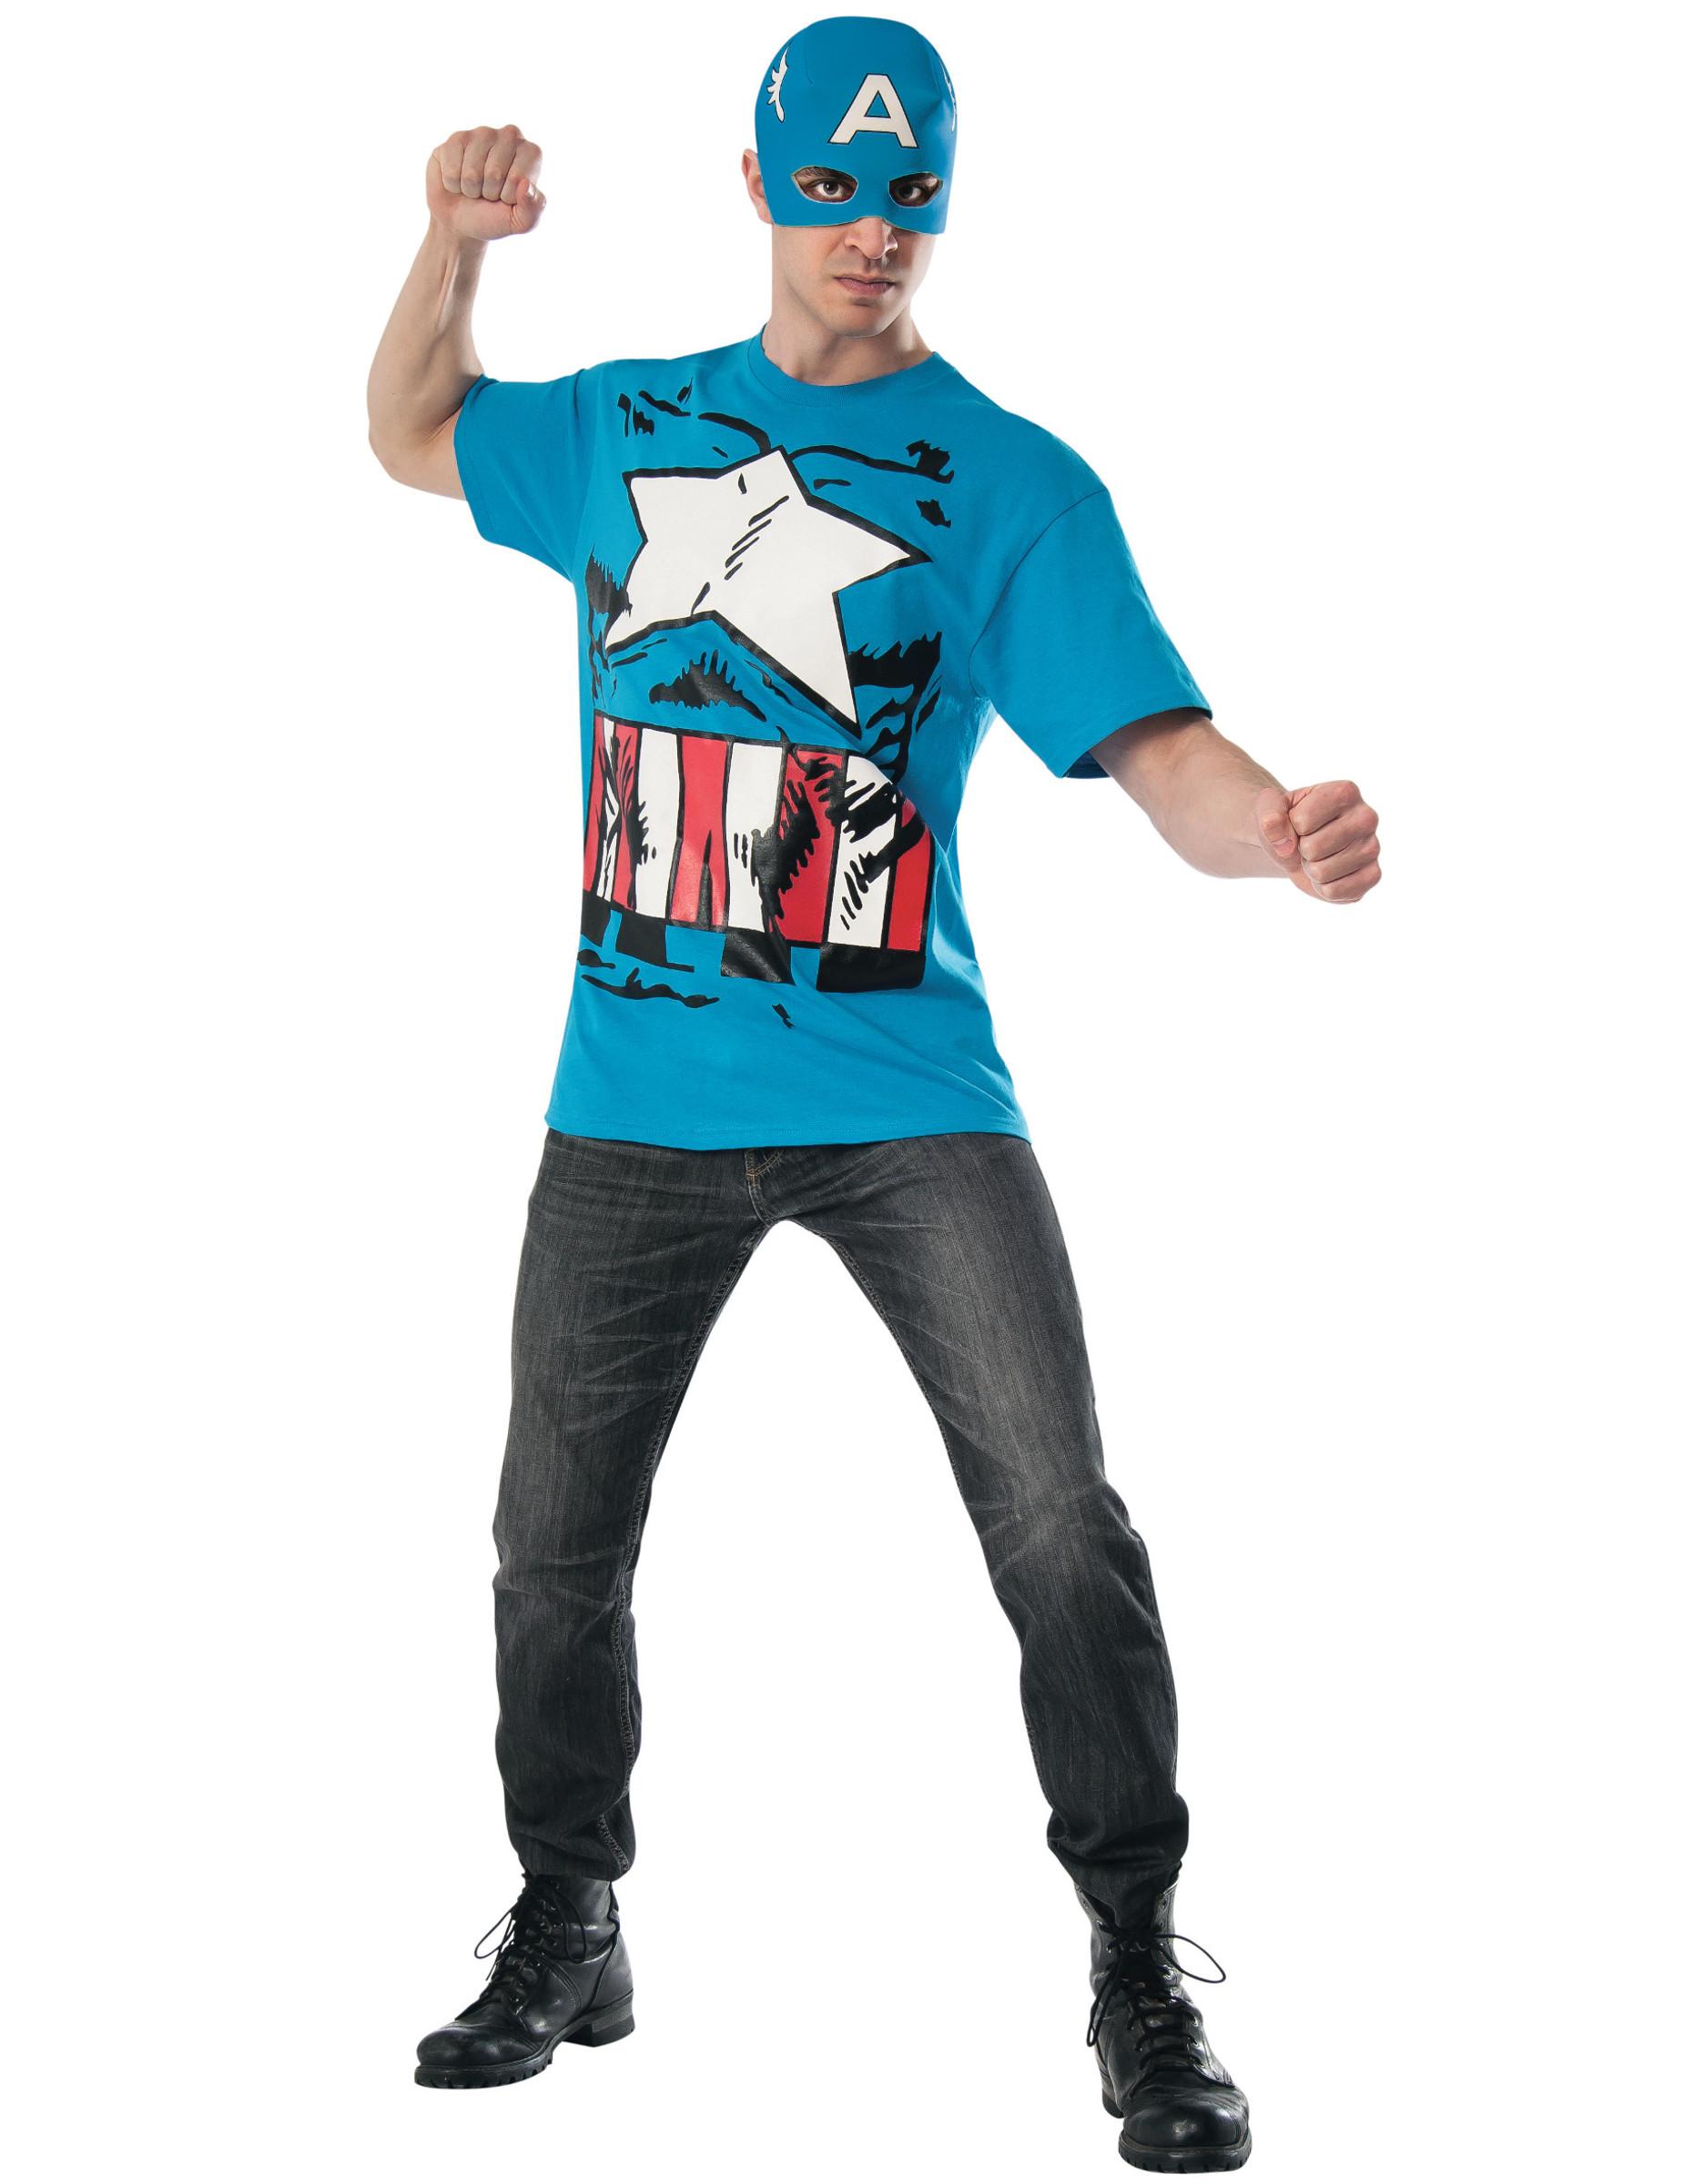 D guisement et masque captain america avengers adulte - Masque de captain america ...